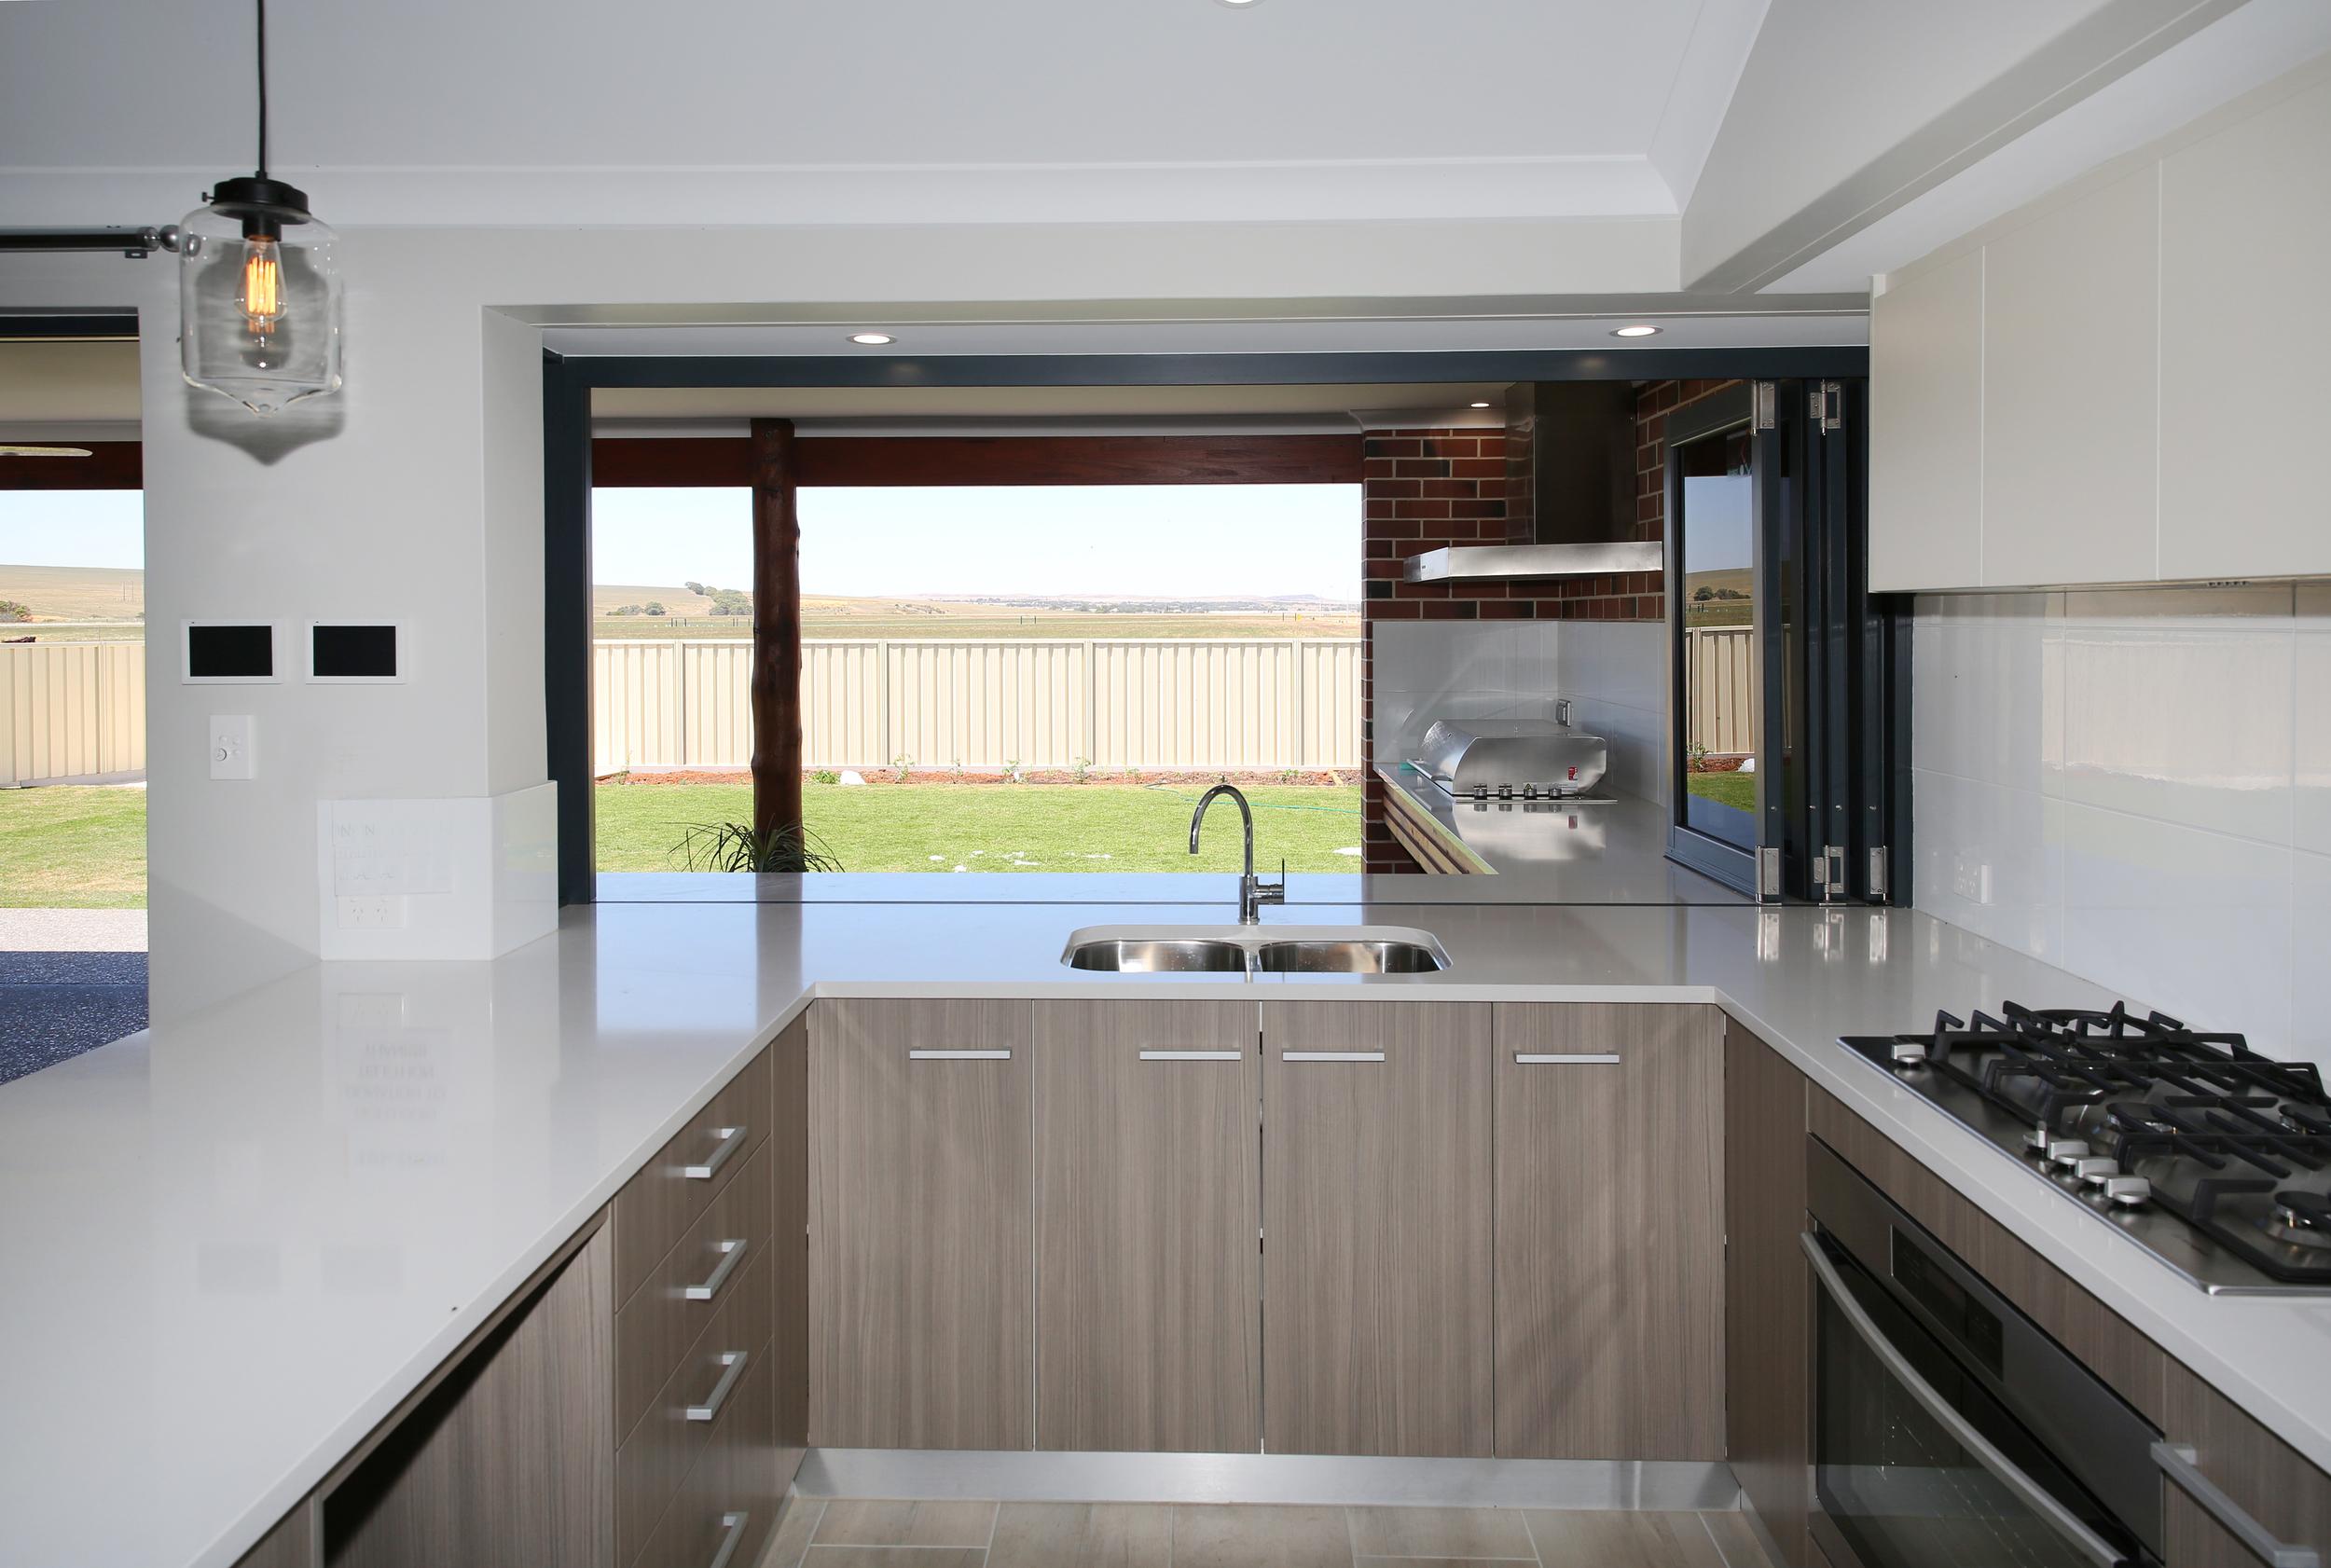 BI FOLDING WINDOW & DOOR kitchen